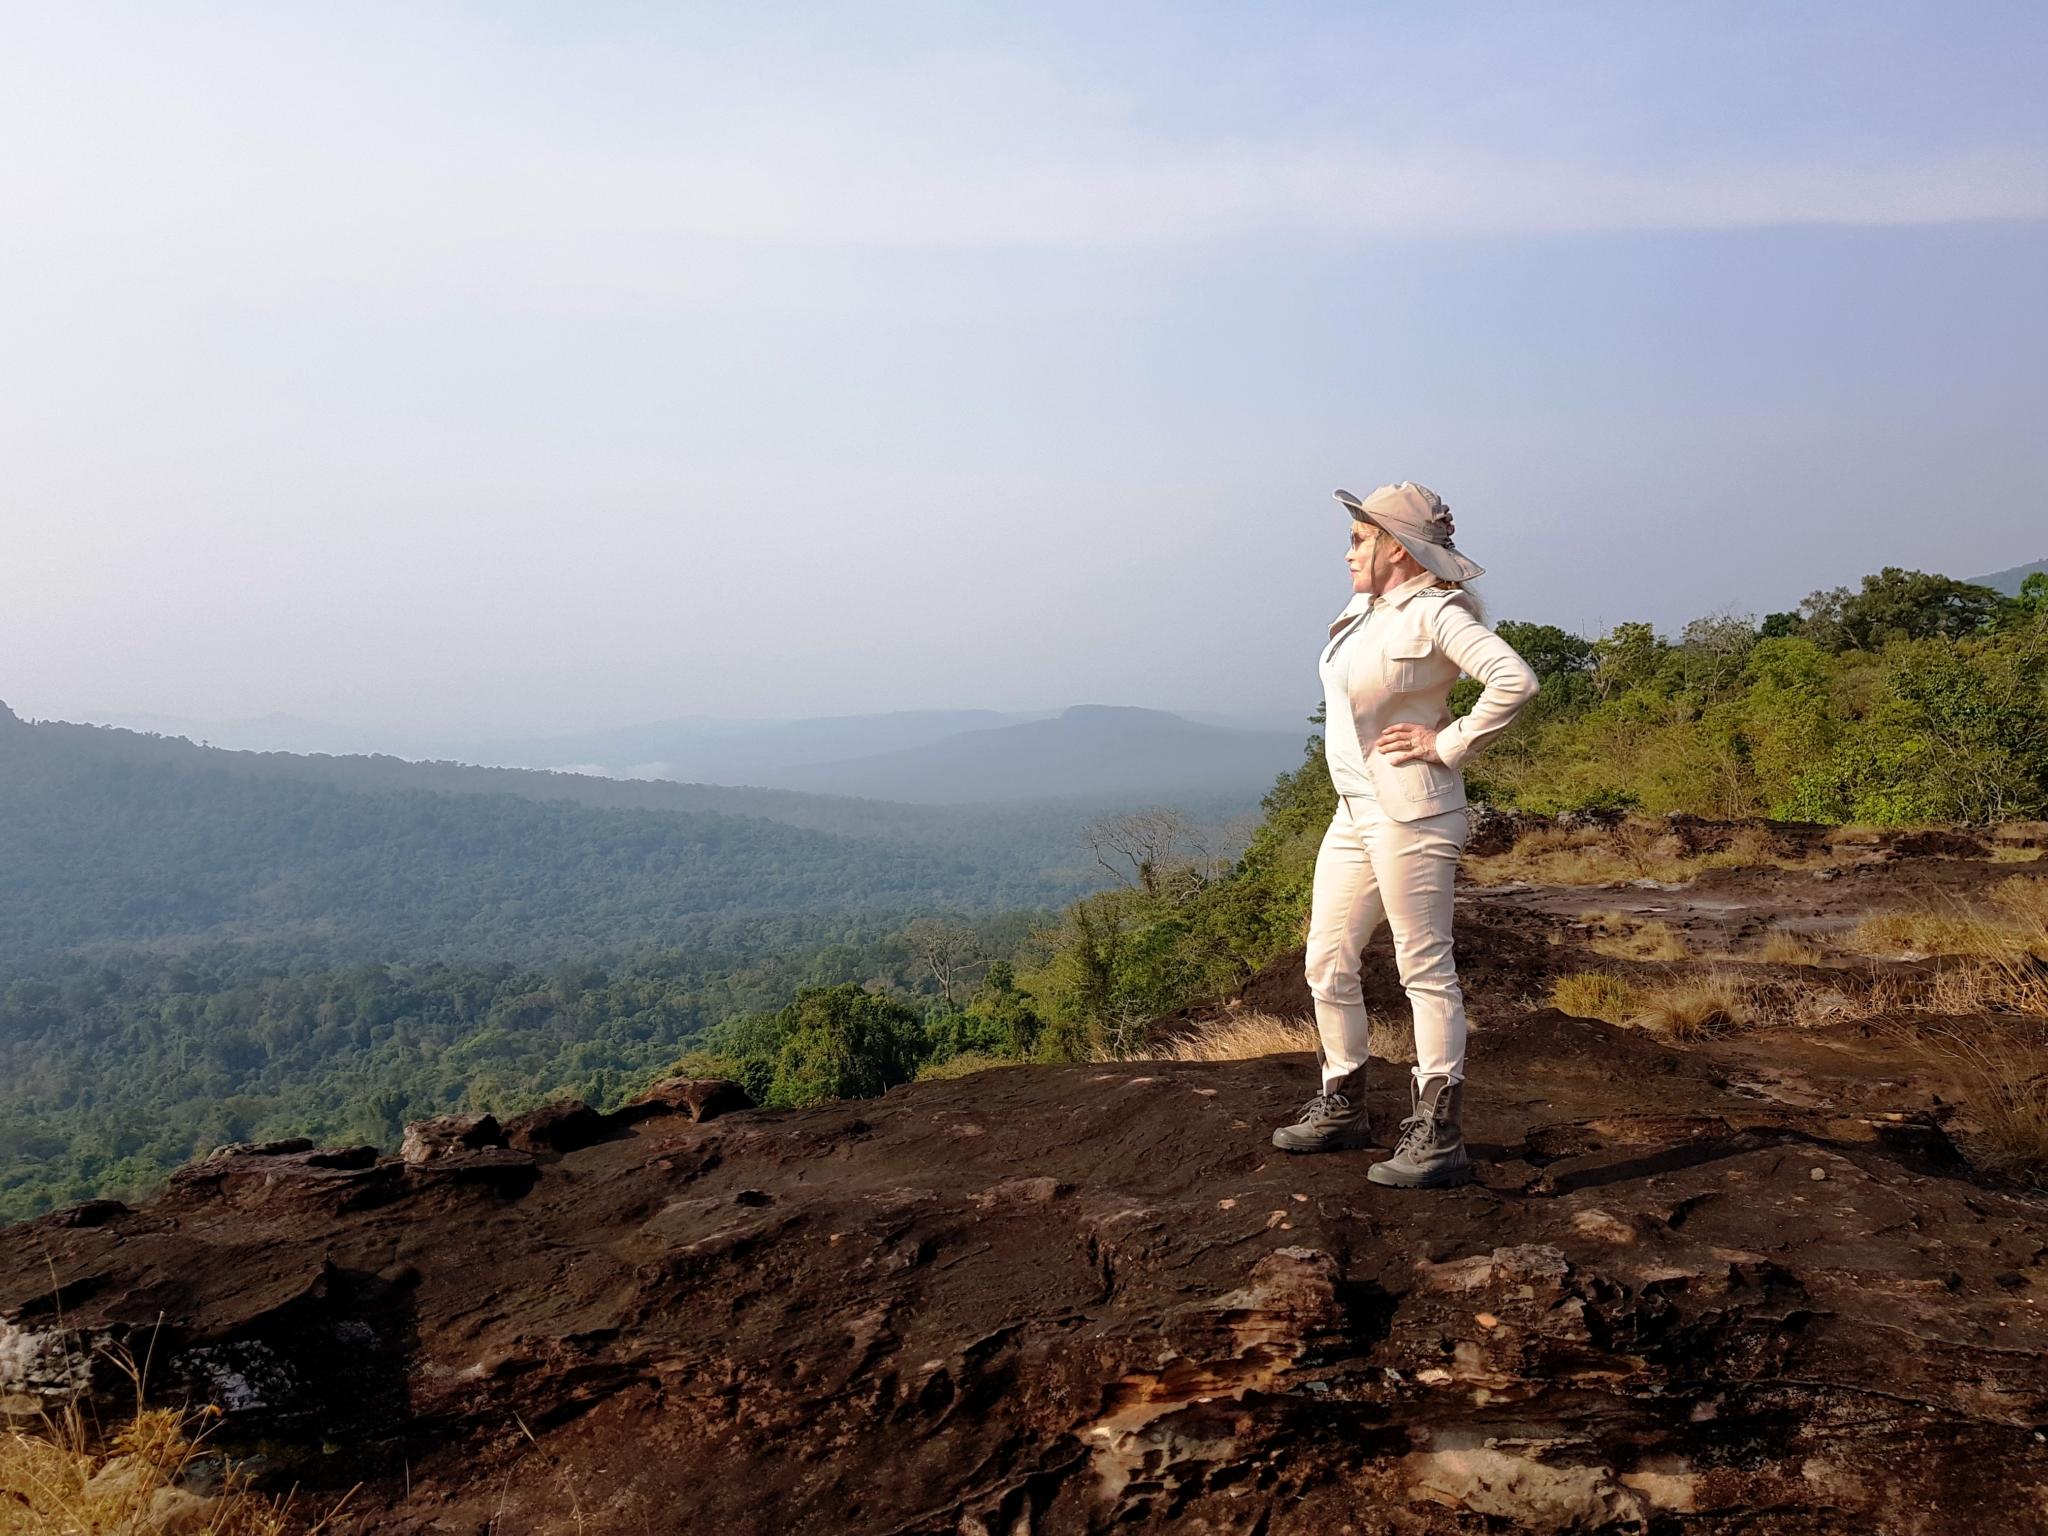 Wildlife Alliance Founder and CEO, Suwanna Gauntlett visit at Shinta Mani Wild